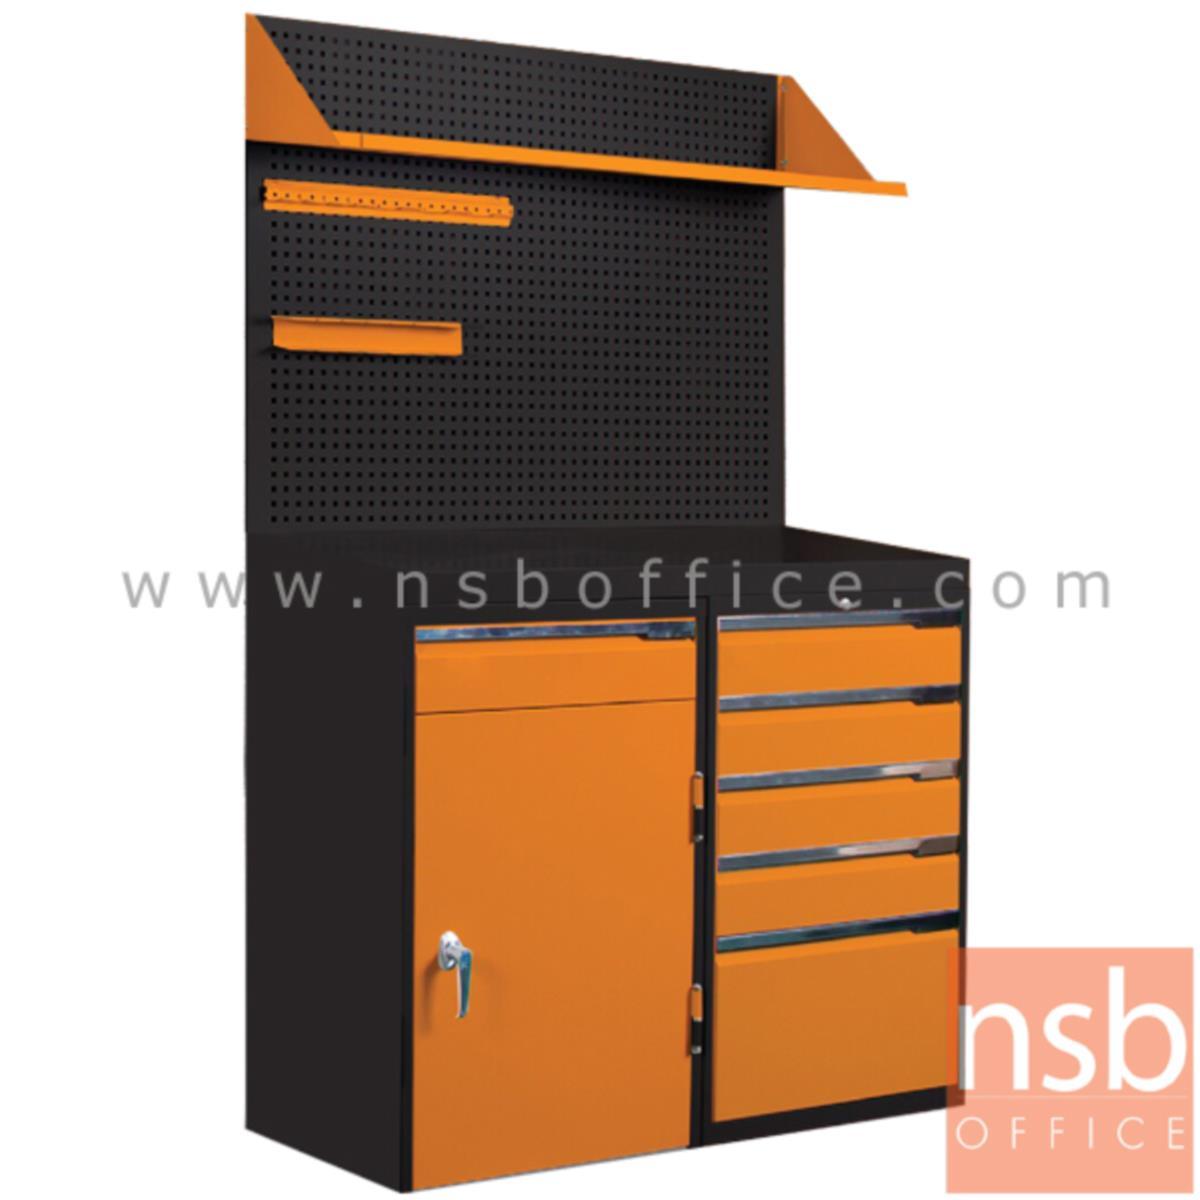 E09A020:ชุดตู้เก็บเครื่องมือช่าง 1 บานเปิด 5 ลิ้นชัก 123.5W cm. พร้อมแผ่นท็อปแผ่นชั้นและอุปกรณ์เสริม